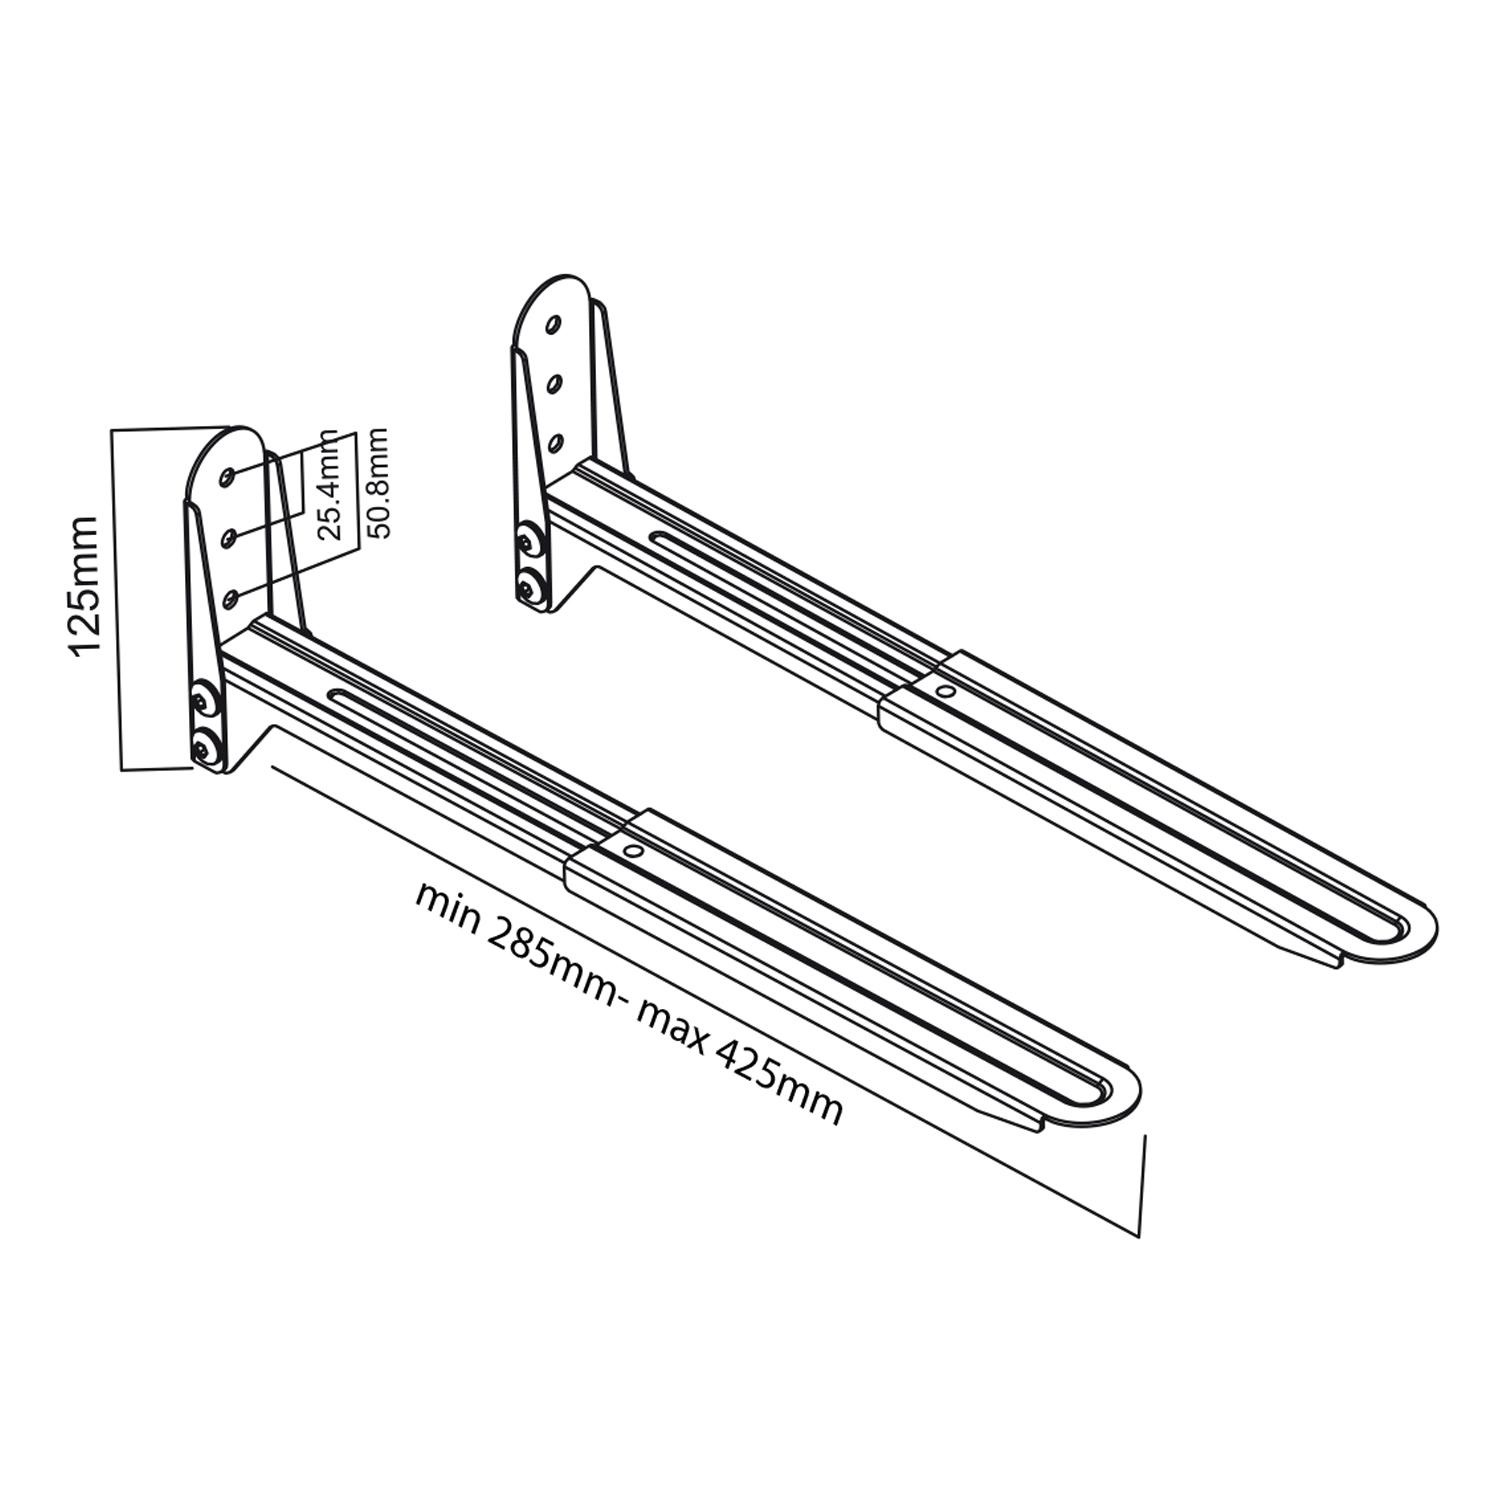 Levný univerzální držák na mikrovlnku, tiskárnu nebo A/V příslušenství. Nosnost 45kg, nastavitelná délka ramen, materiál ocel, barva černá - Fiber Mounts AX776B